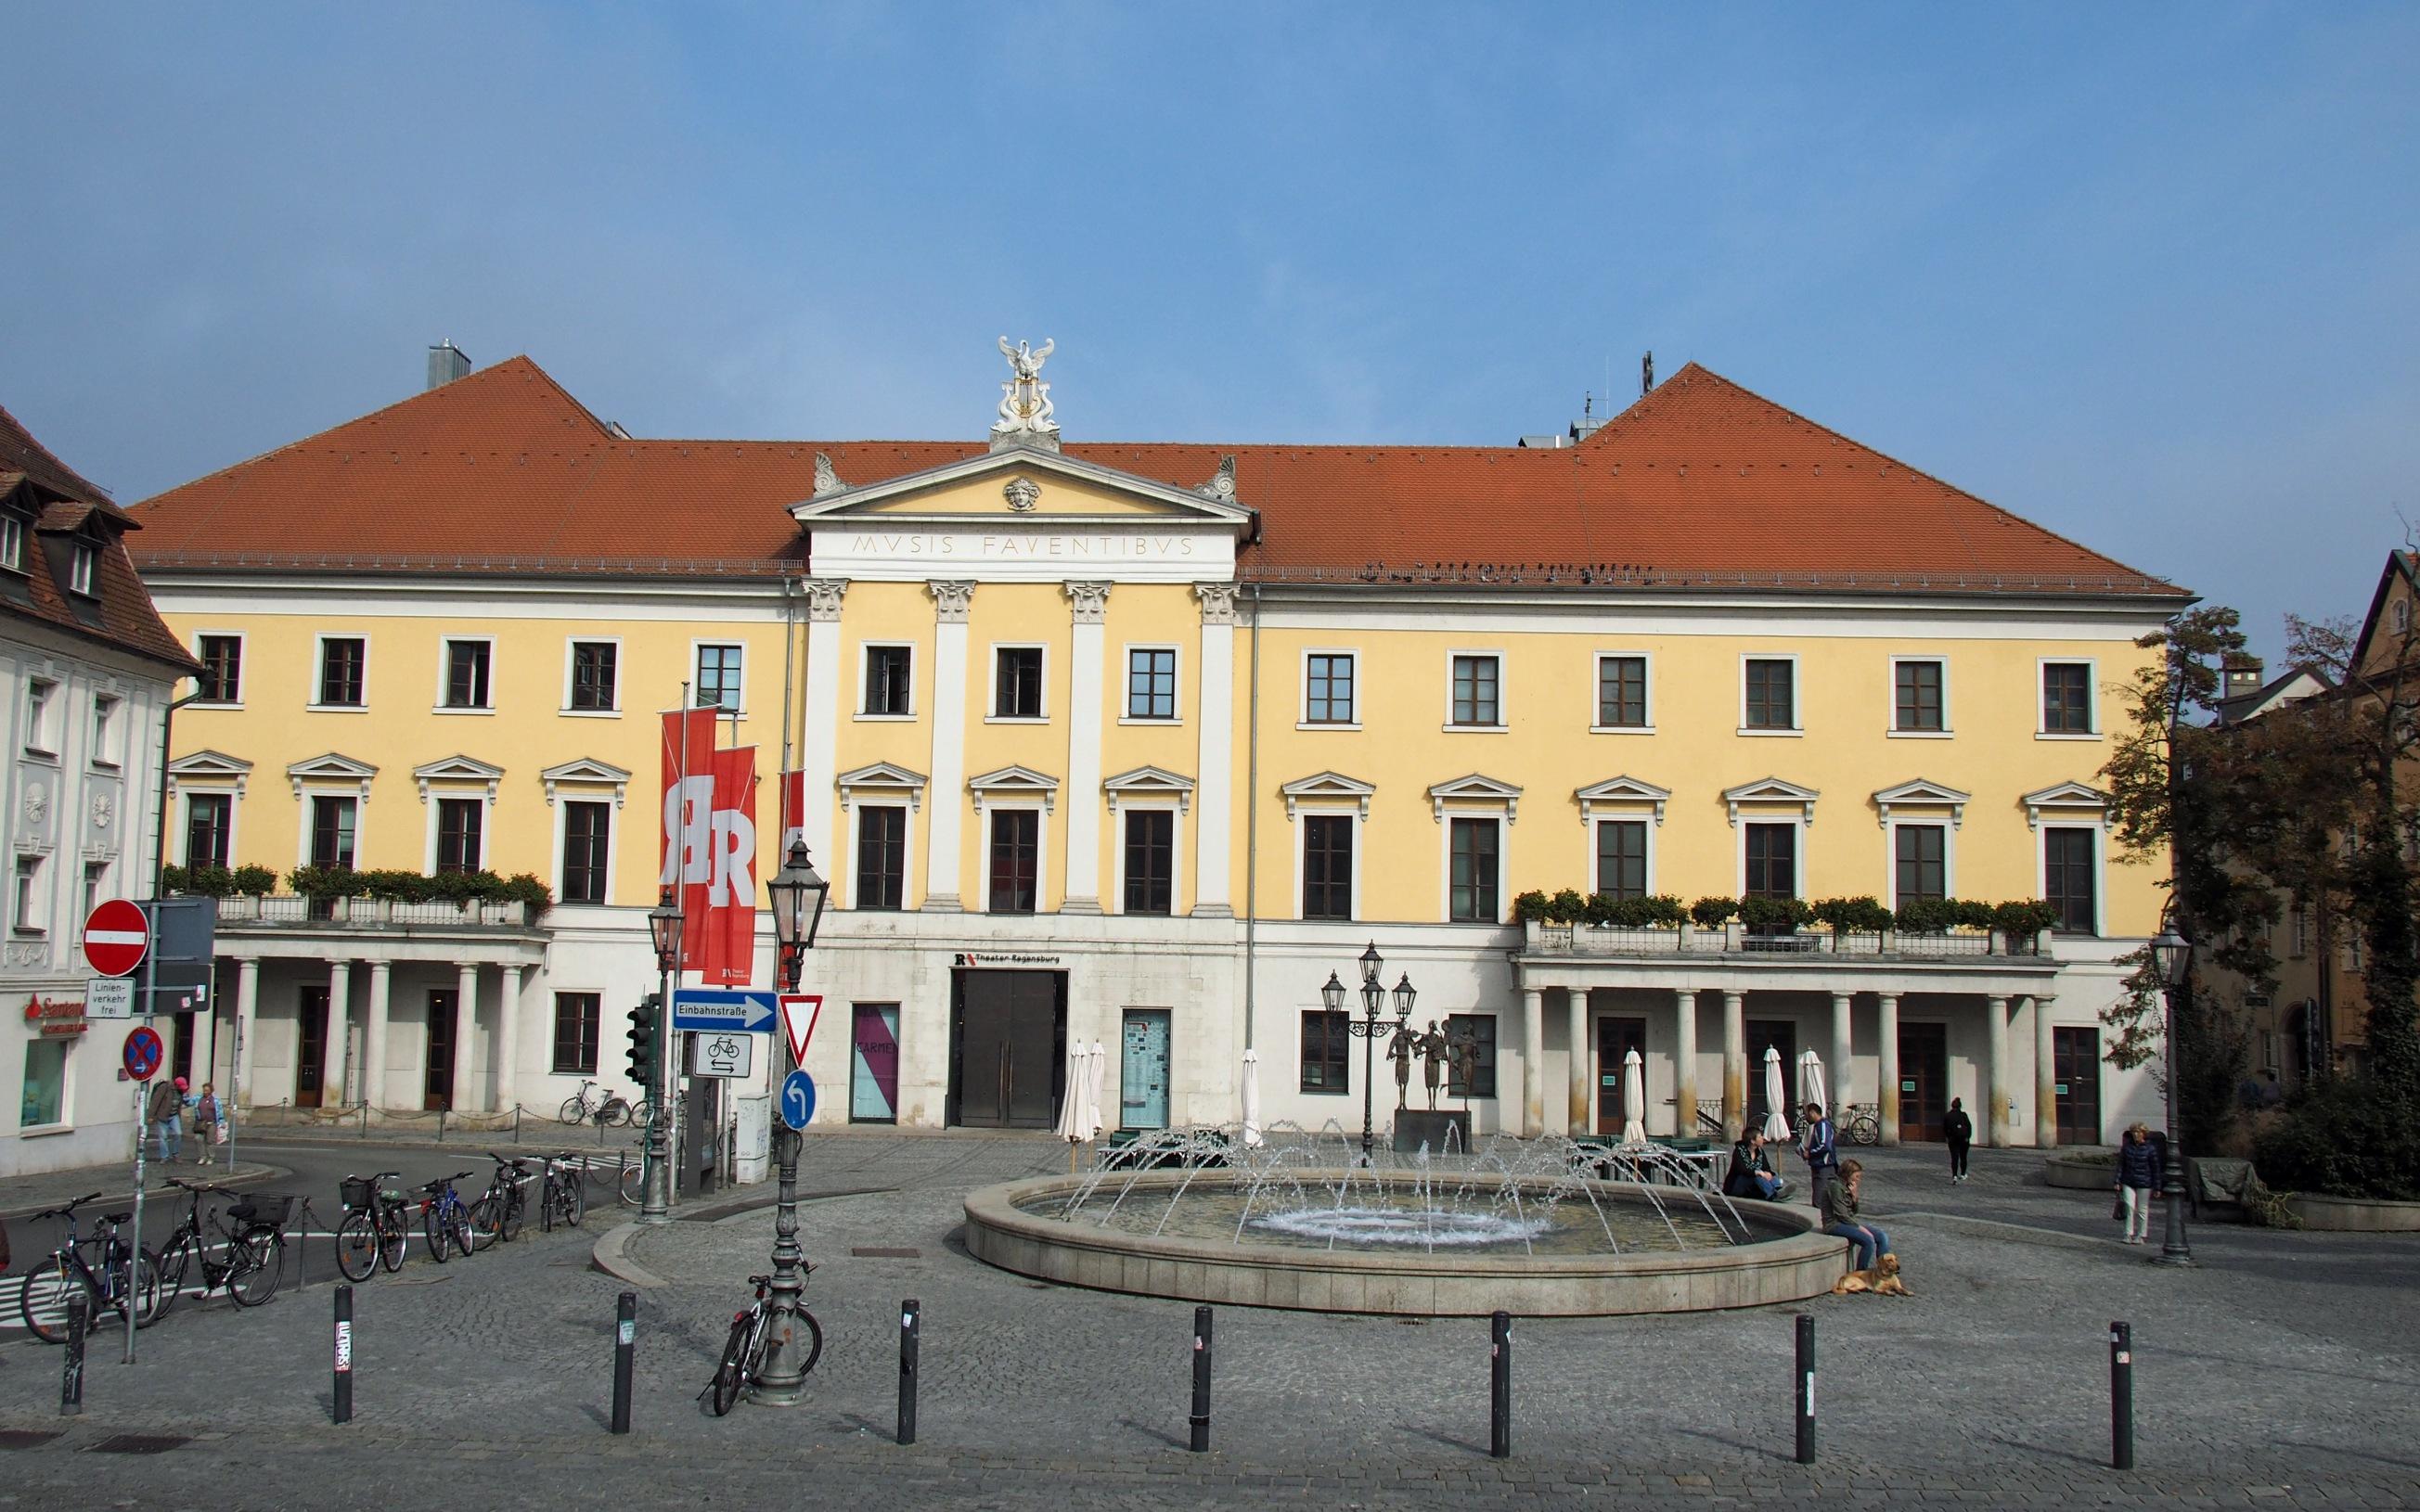 Stadttheater Regensburg Bismarckplatz